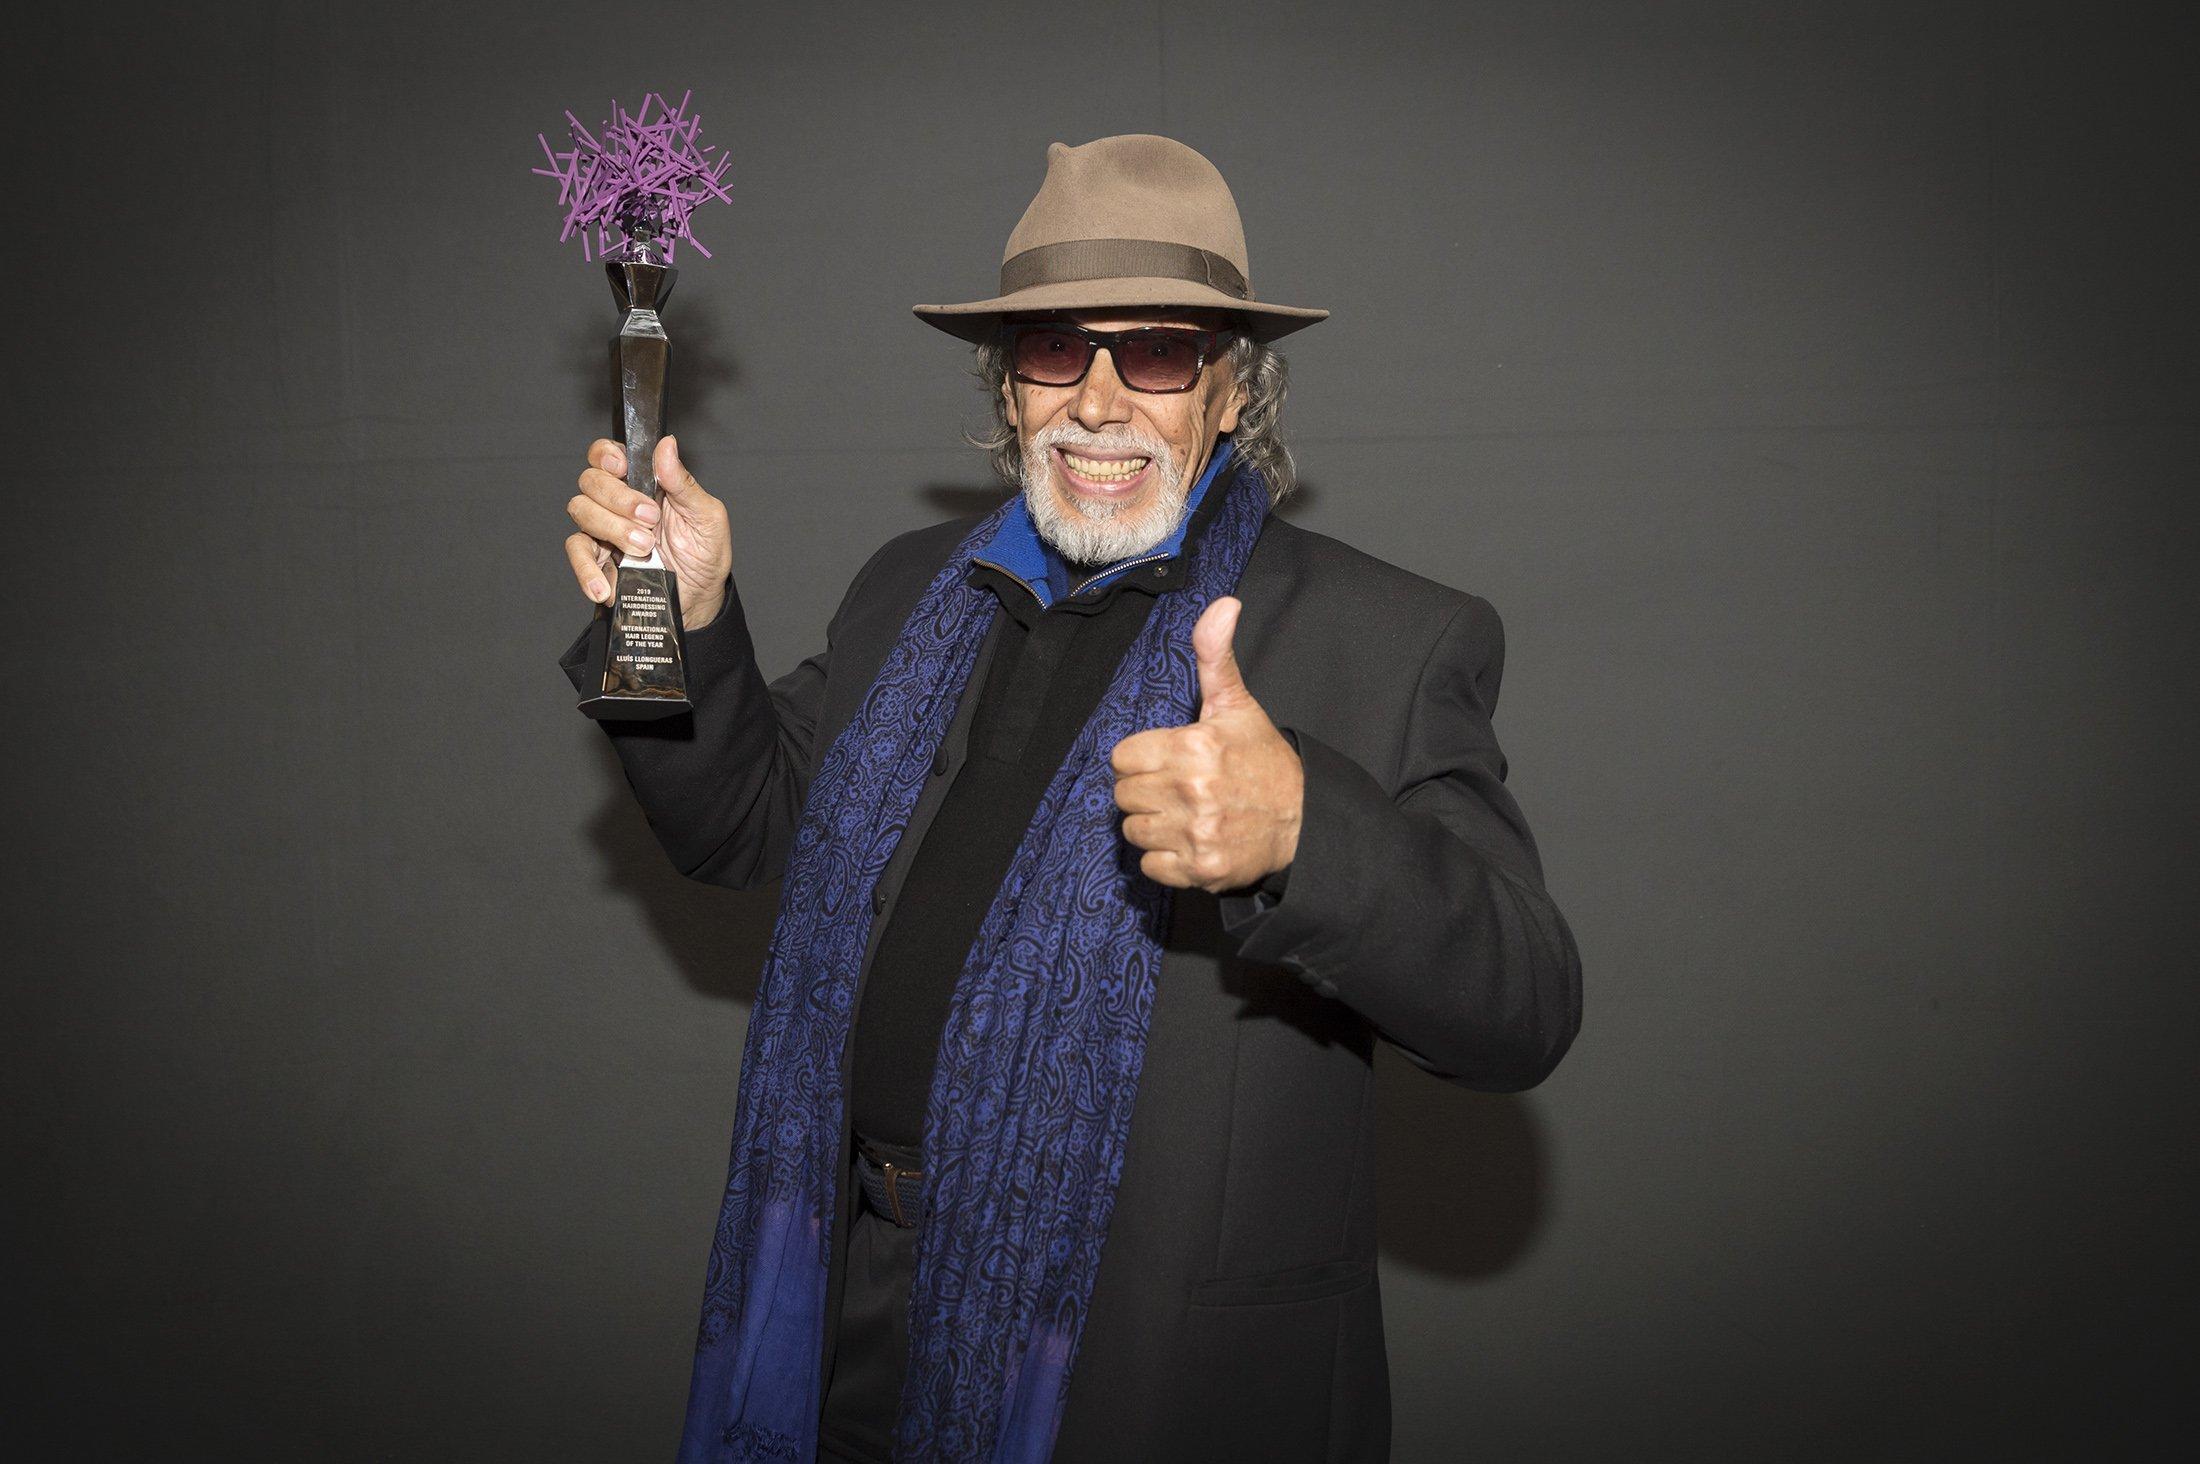 Lluís Llongueras recibe el premio de honor a su carrera de manos del certamen internacional Hair Legend Award